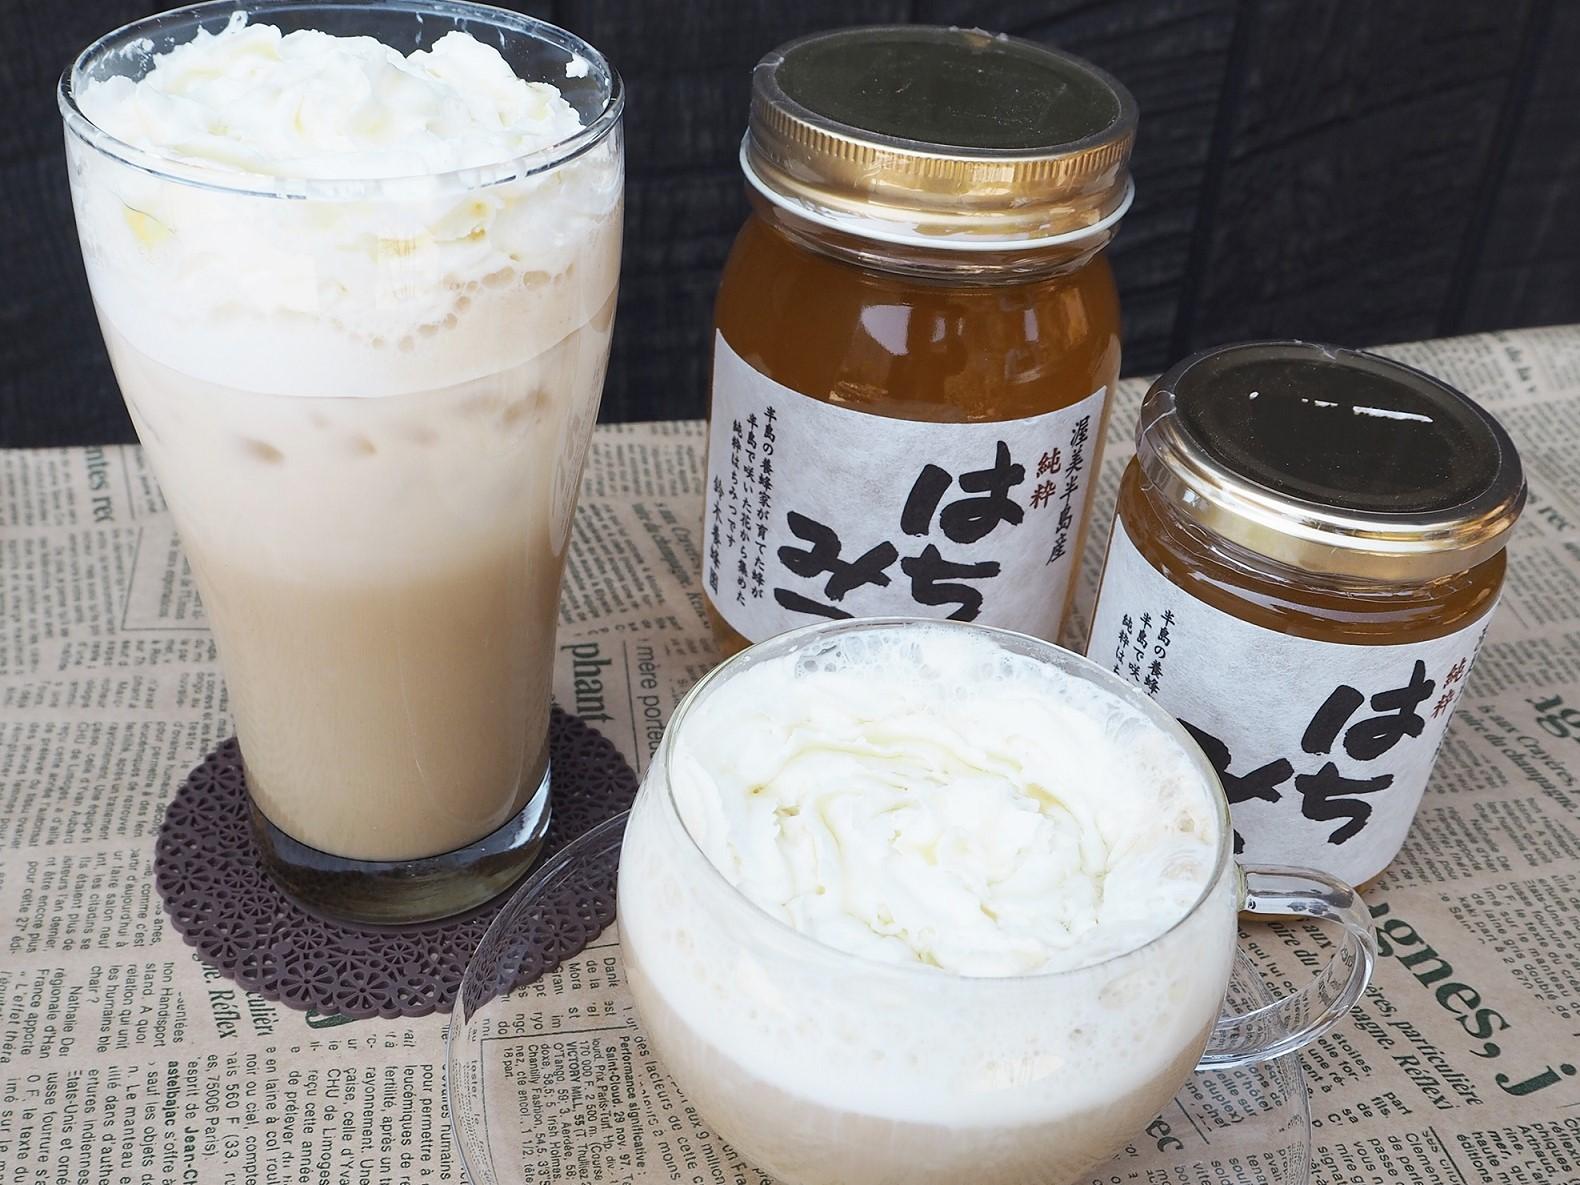 鈴木養蜂園さんのはちみつを使用したハニーラテ